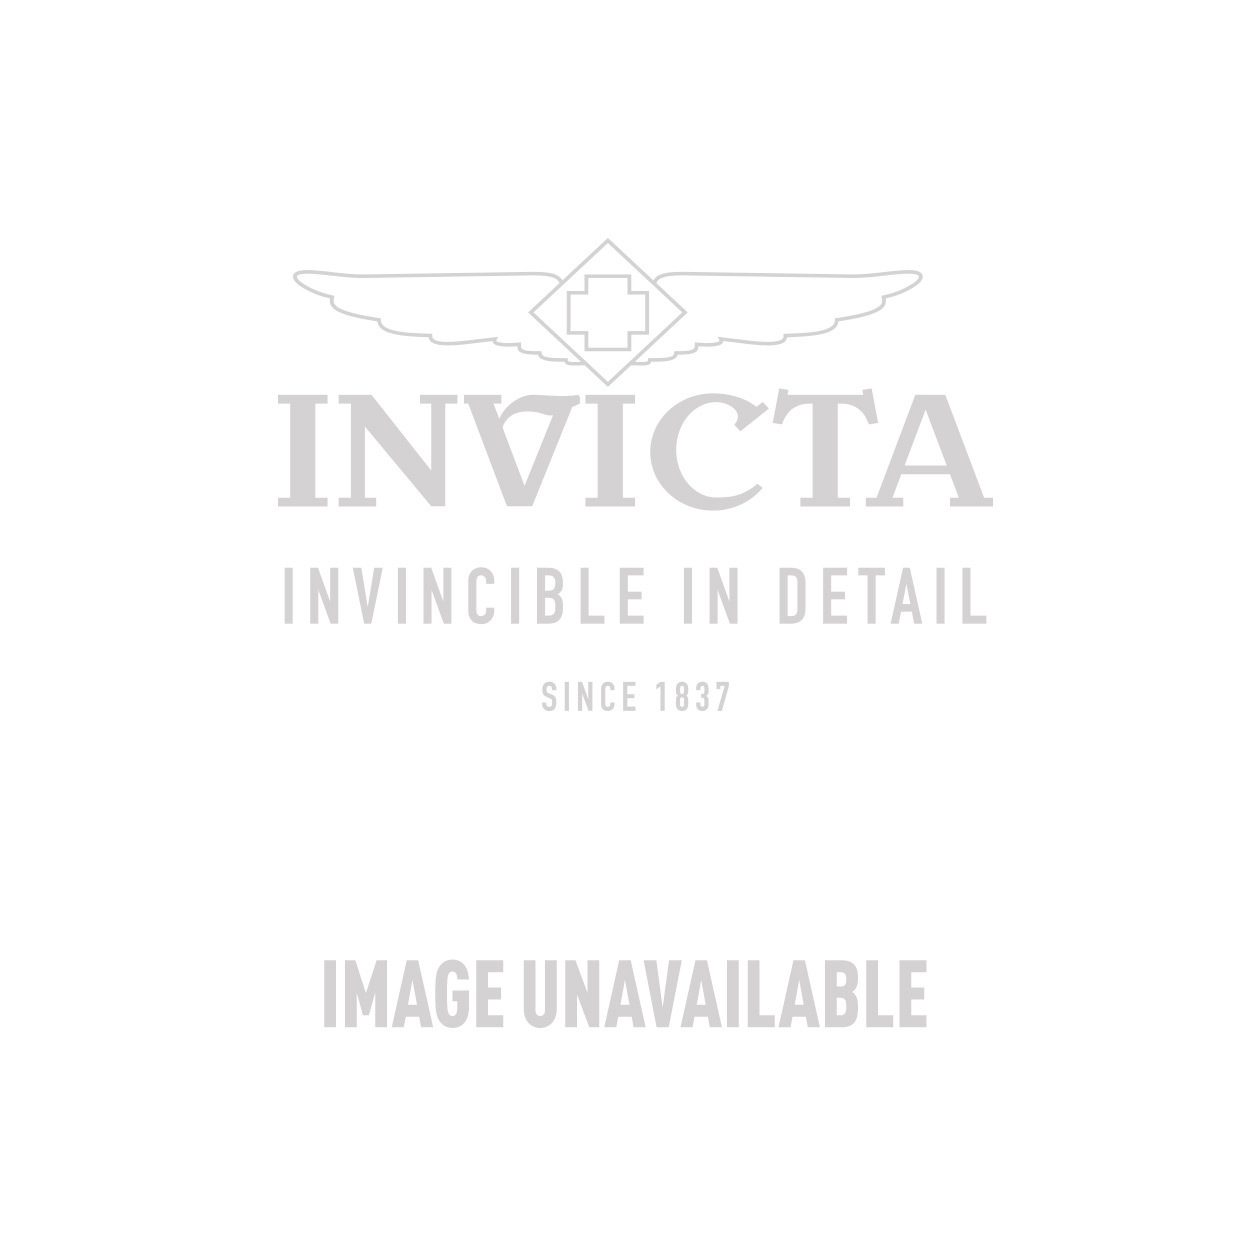 Invicta S1 Rally Quartz Watch - Black case with Black, Green tone Silicone band - Model 12788